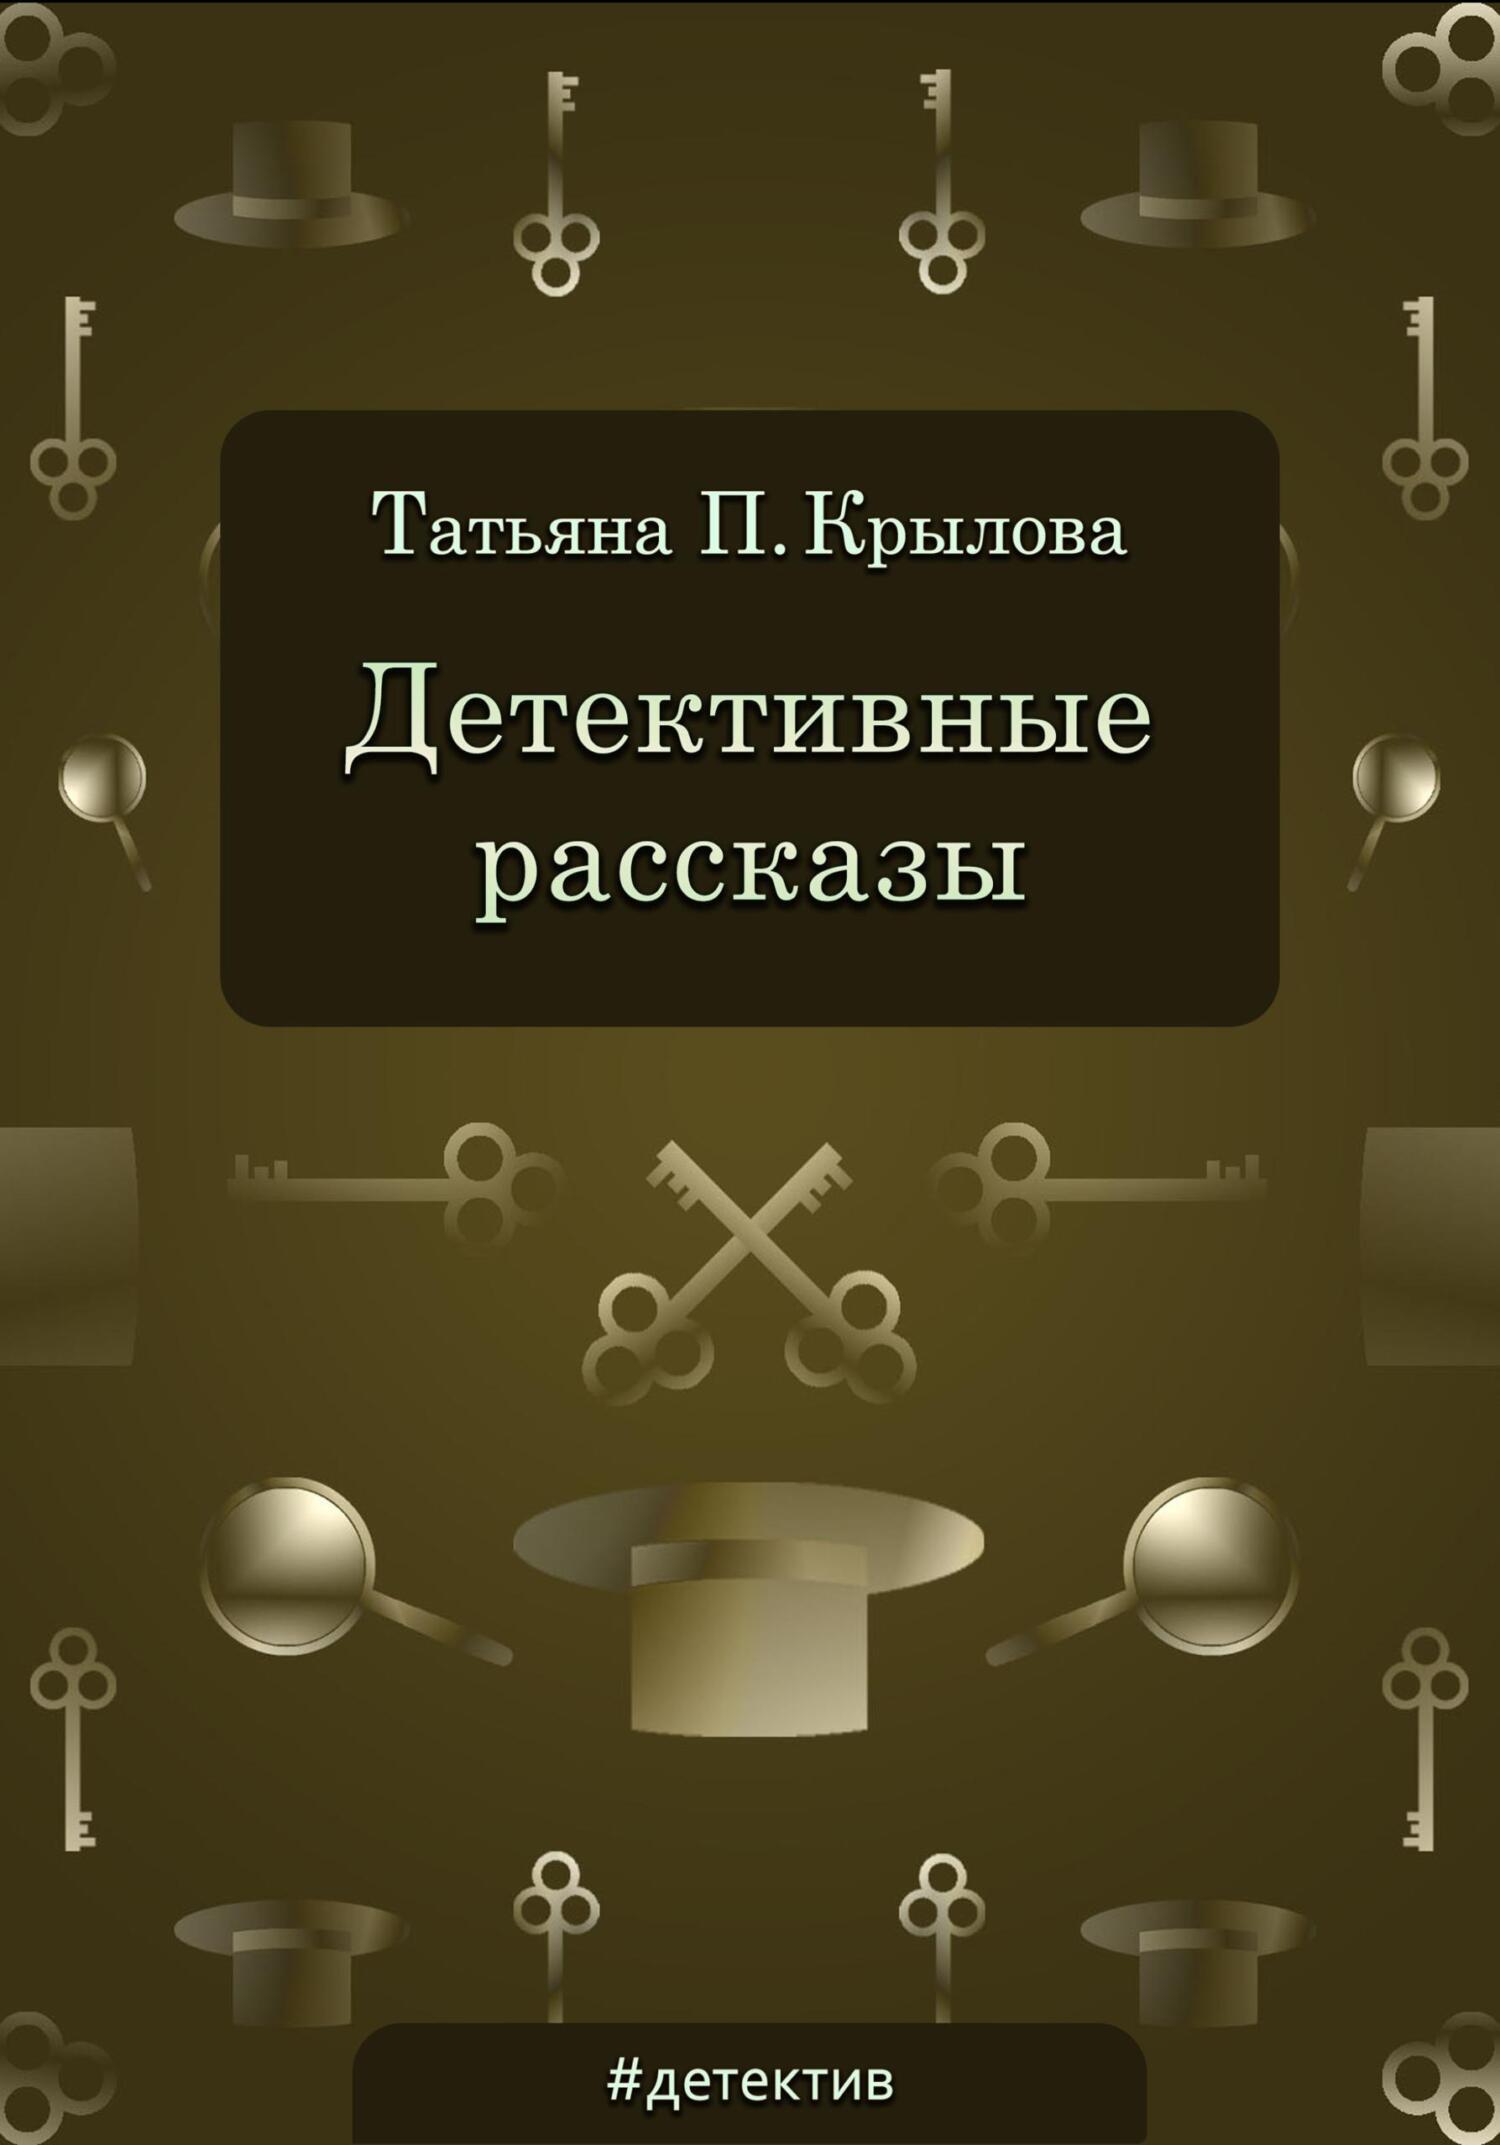 Детективные рассказы